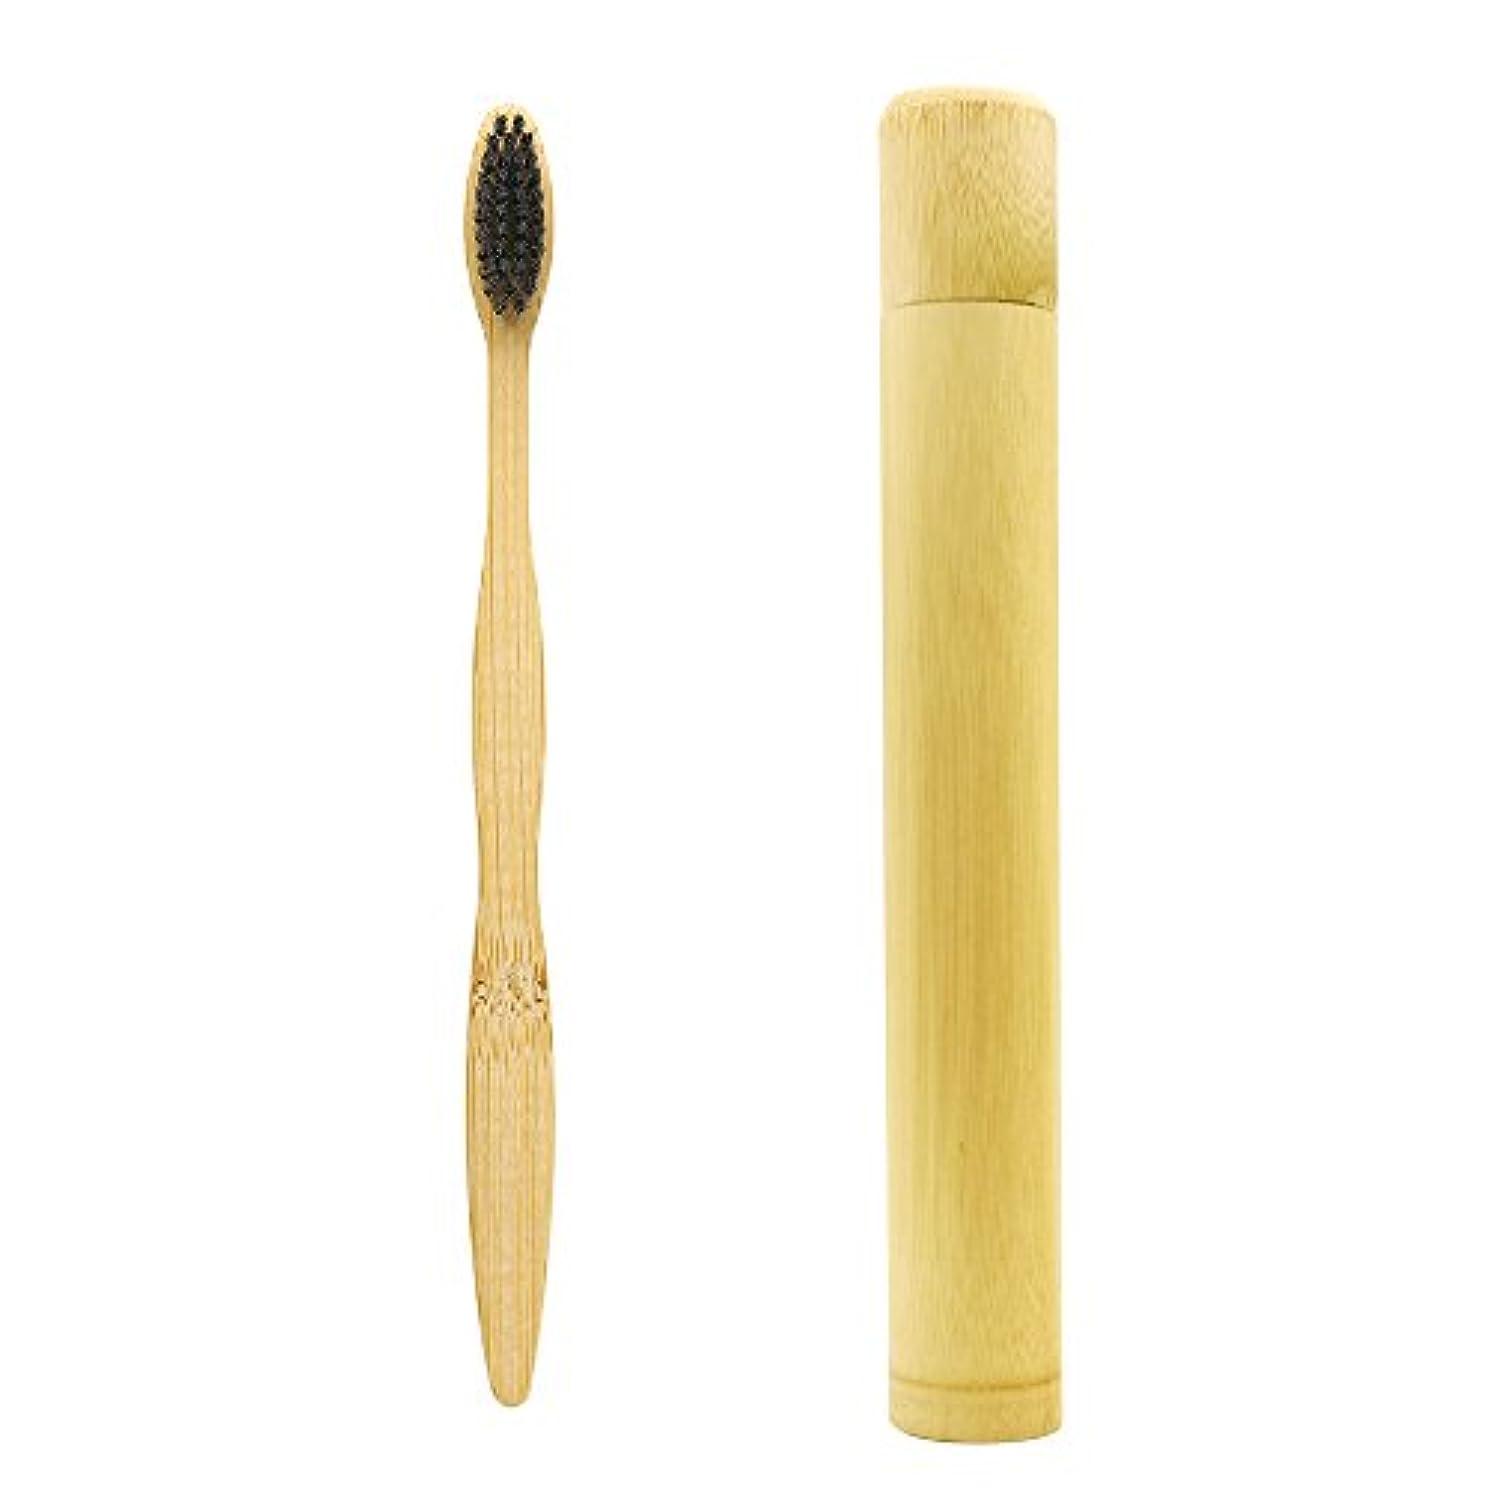 樹木待つブルームN-amboo 歯ブラシ ケース付き 竹製 高耐久性 出張旅行 携帯便利